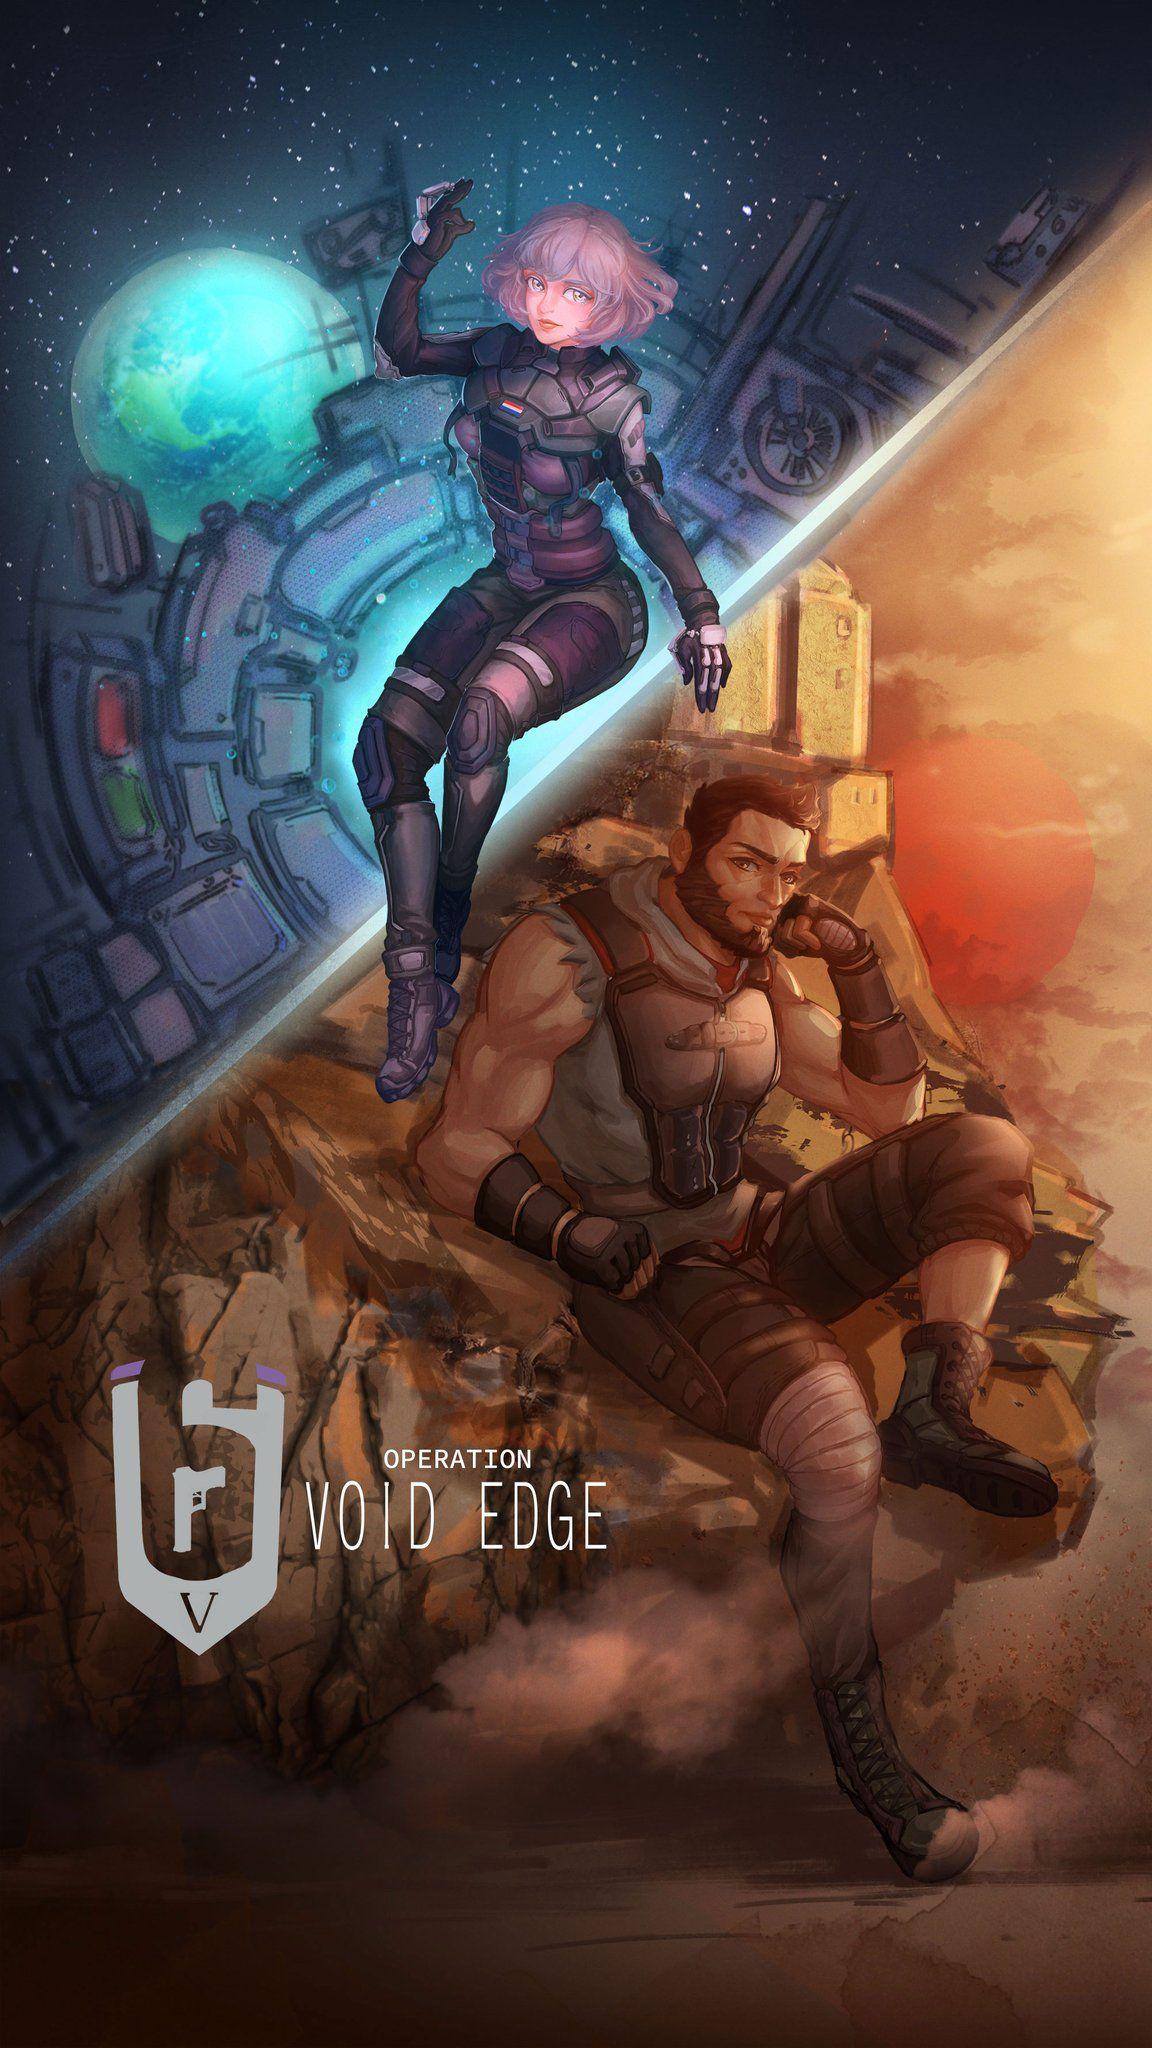 Pin By Hmmmmmmm Hmmmmm On R6 Siege In 2020 With Images Rainbow